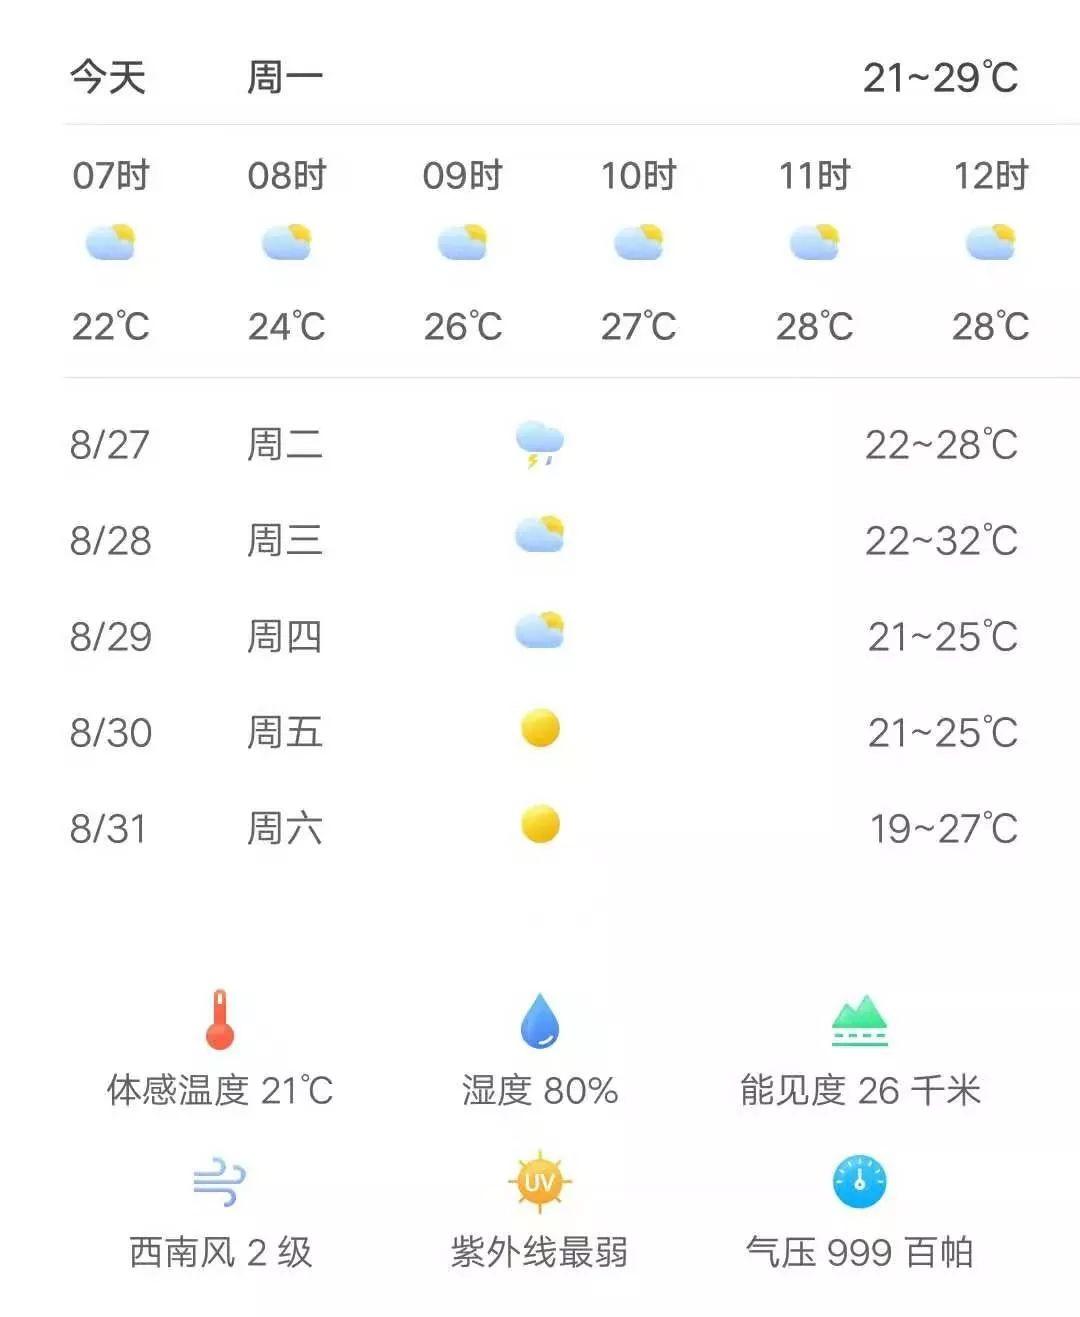 2019年8月26日烟台综合广播《新闻早报》